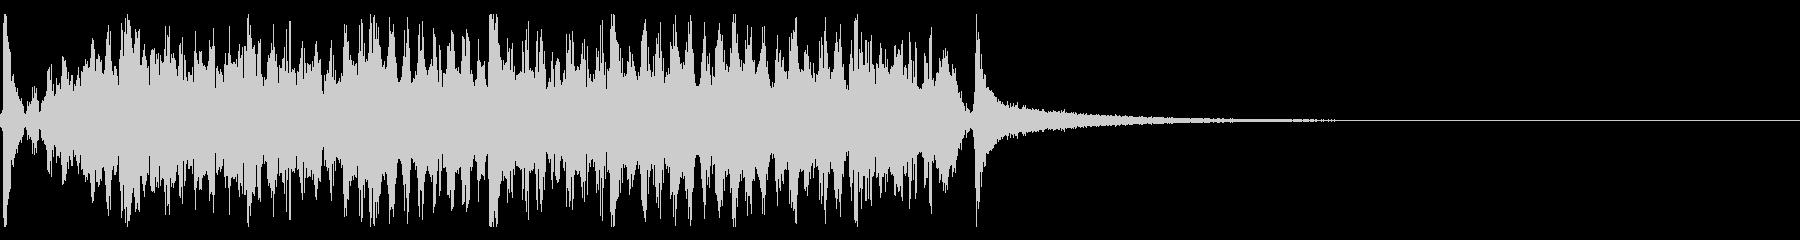 時計の秒針/シンキングタイム効果音!01の未再生の波形